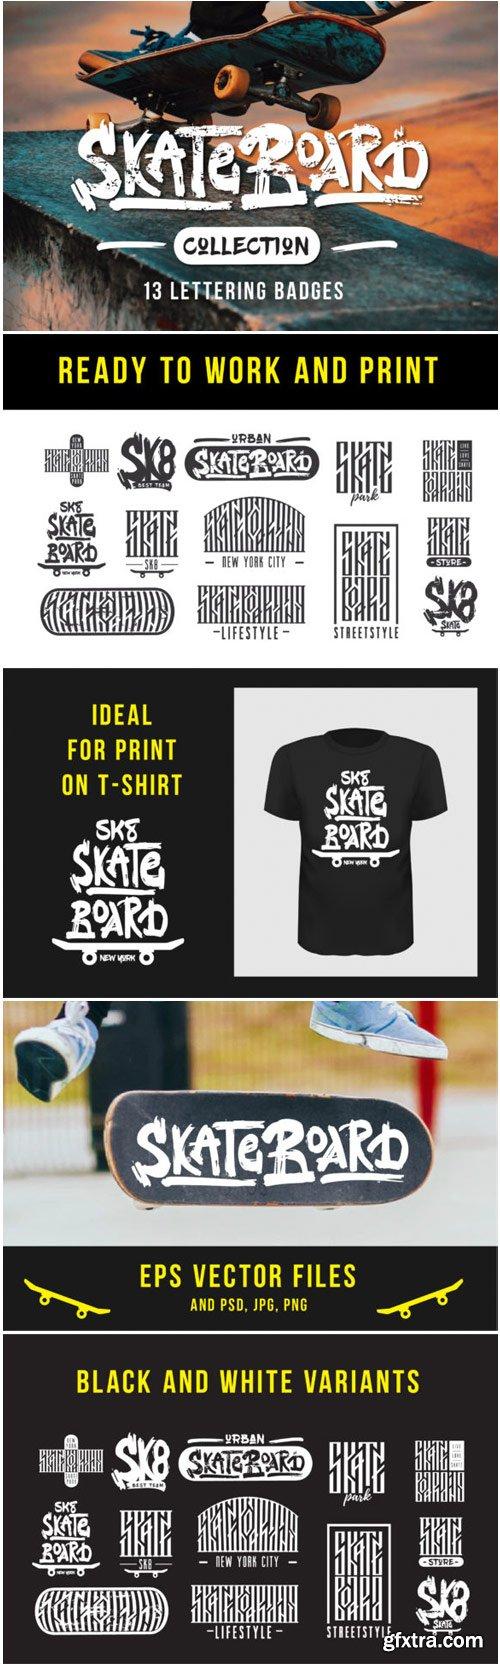 Skateboarding T-shirt Design 1761114